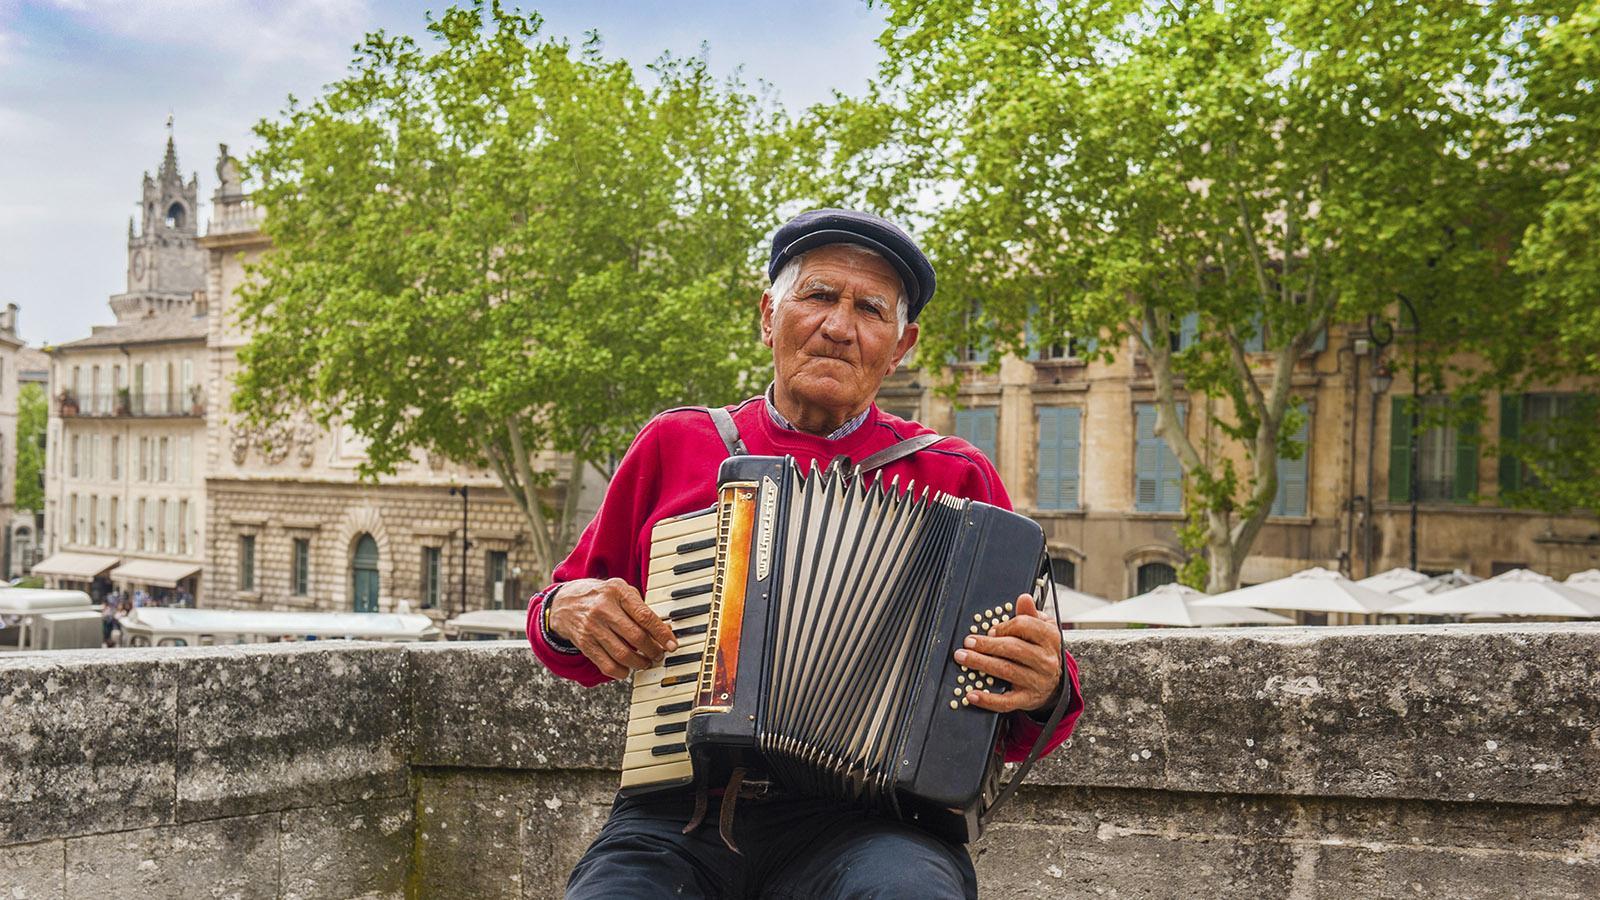 Avignon: Avignon: So seht ihr die Stadt von der berühmten Brücke! Foto: Hilke Maunder